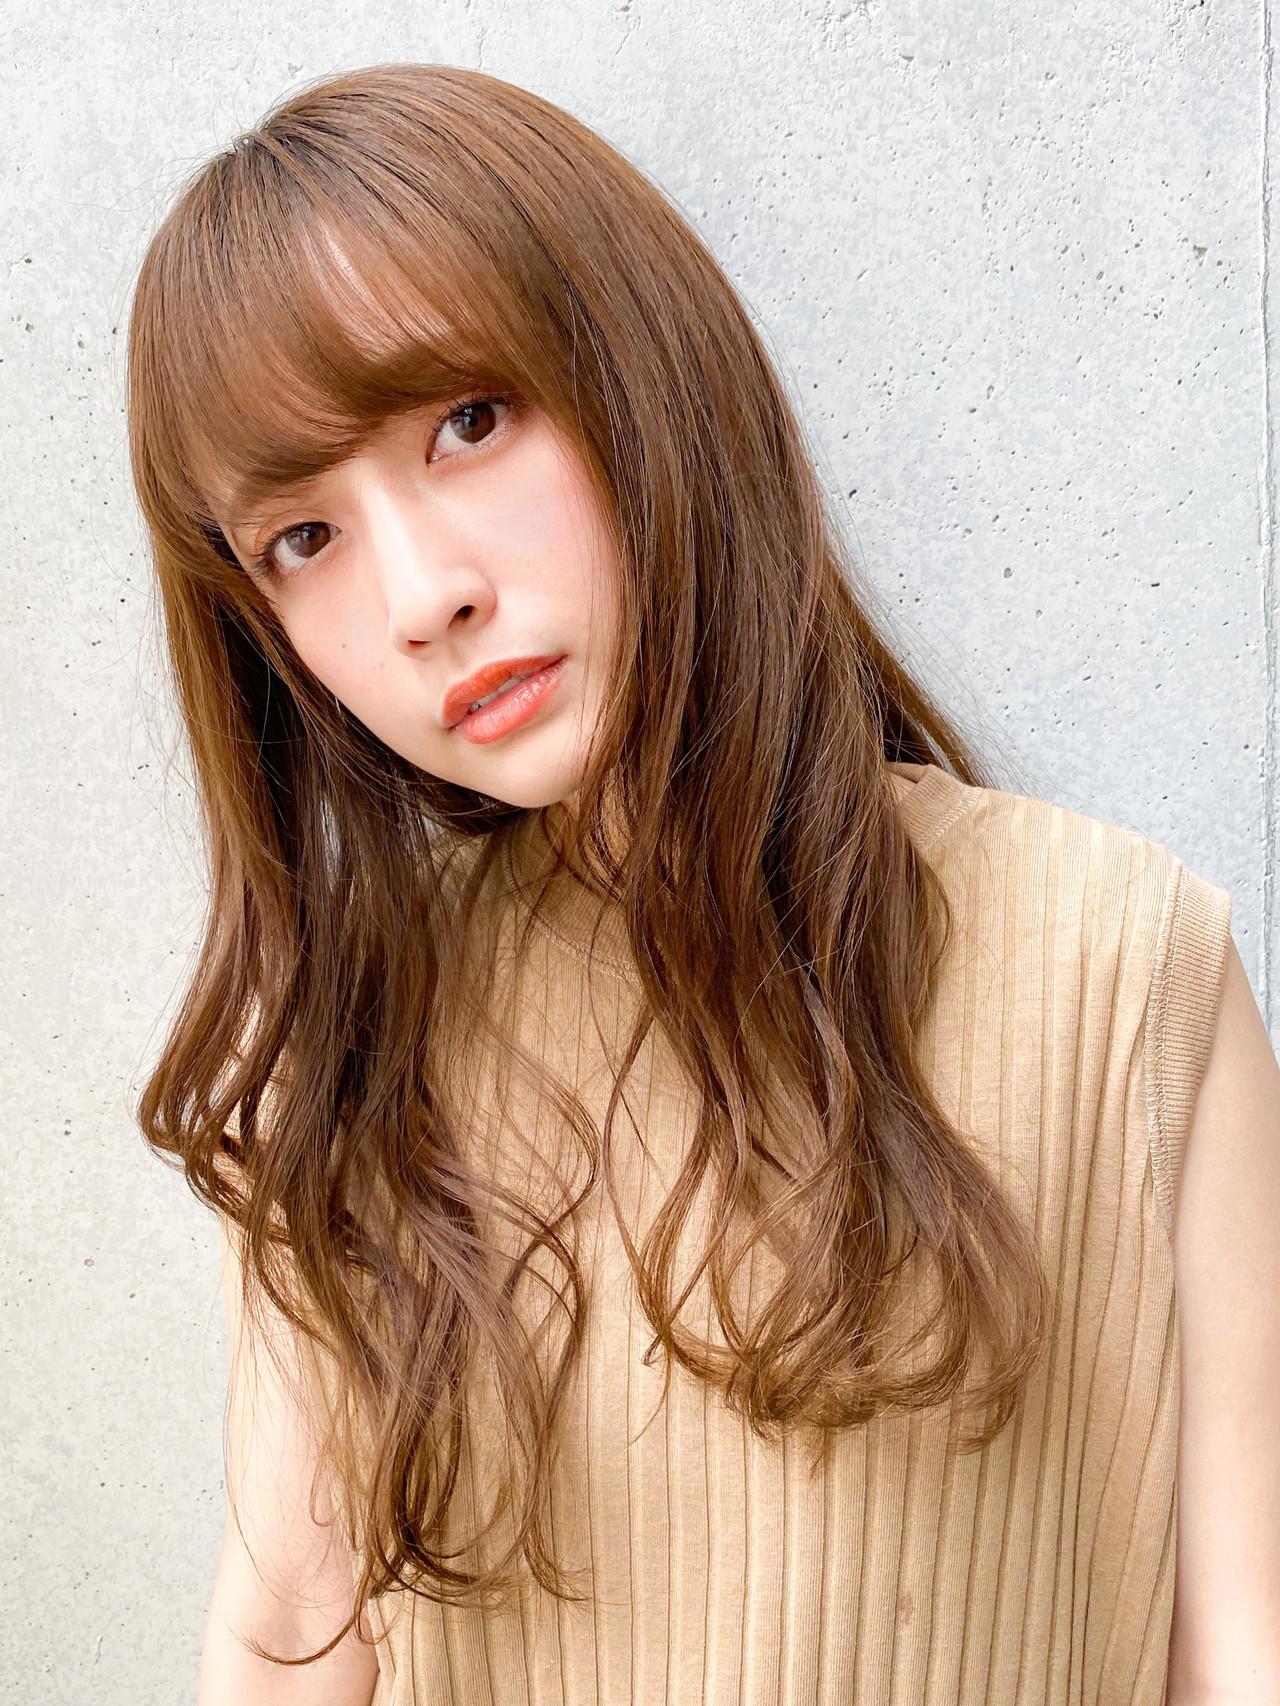 ロング ゆるふわパーマ ナチュラル レイヤースタイル ヘアスタイルや髪型の写真・画像